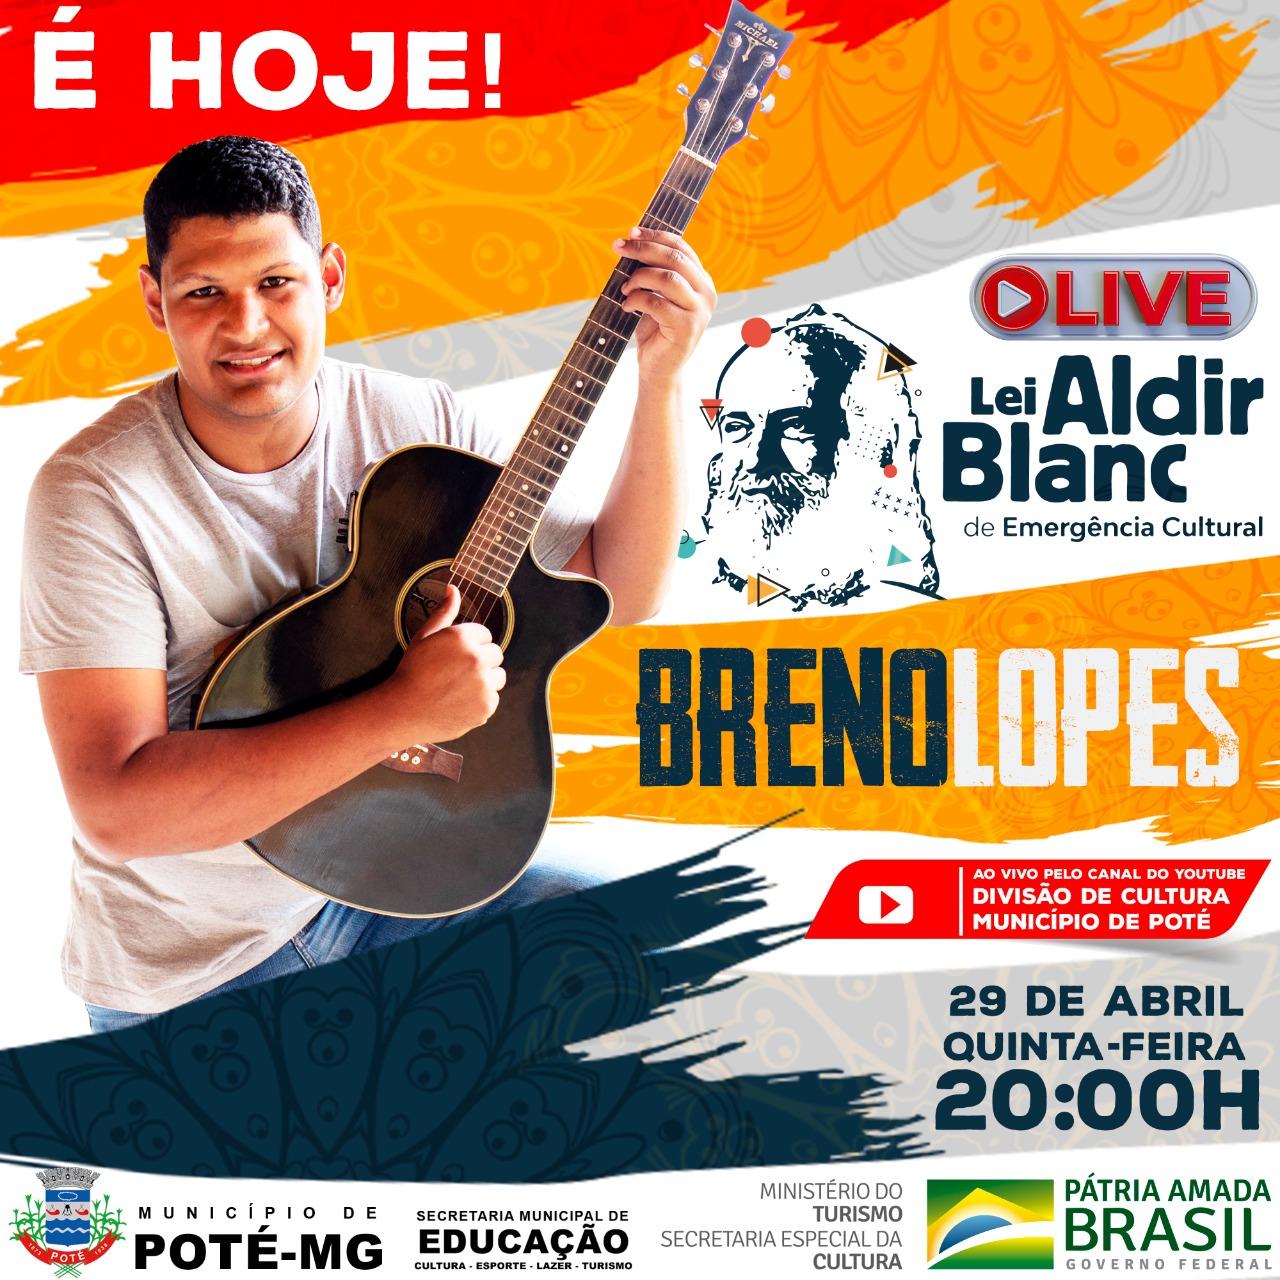 É HOJE! LIVE LEI ALDIR BLANC - 29/04/2021